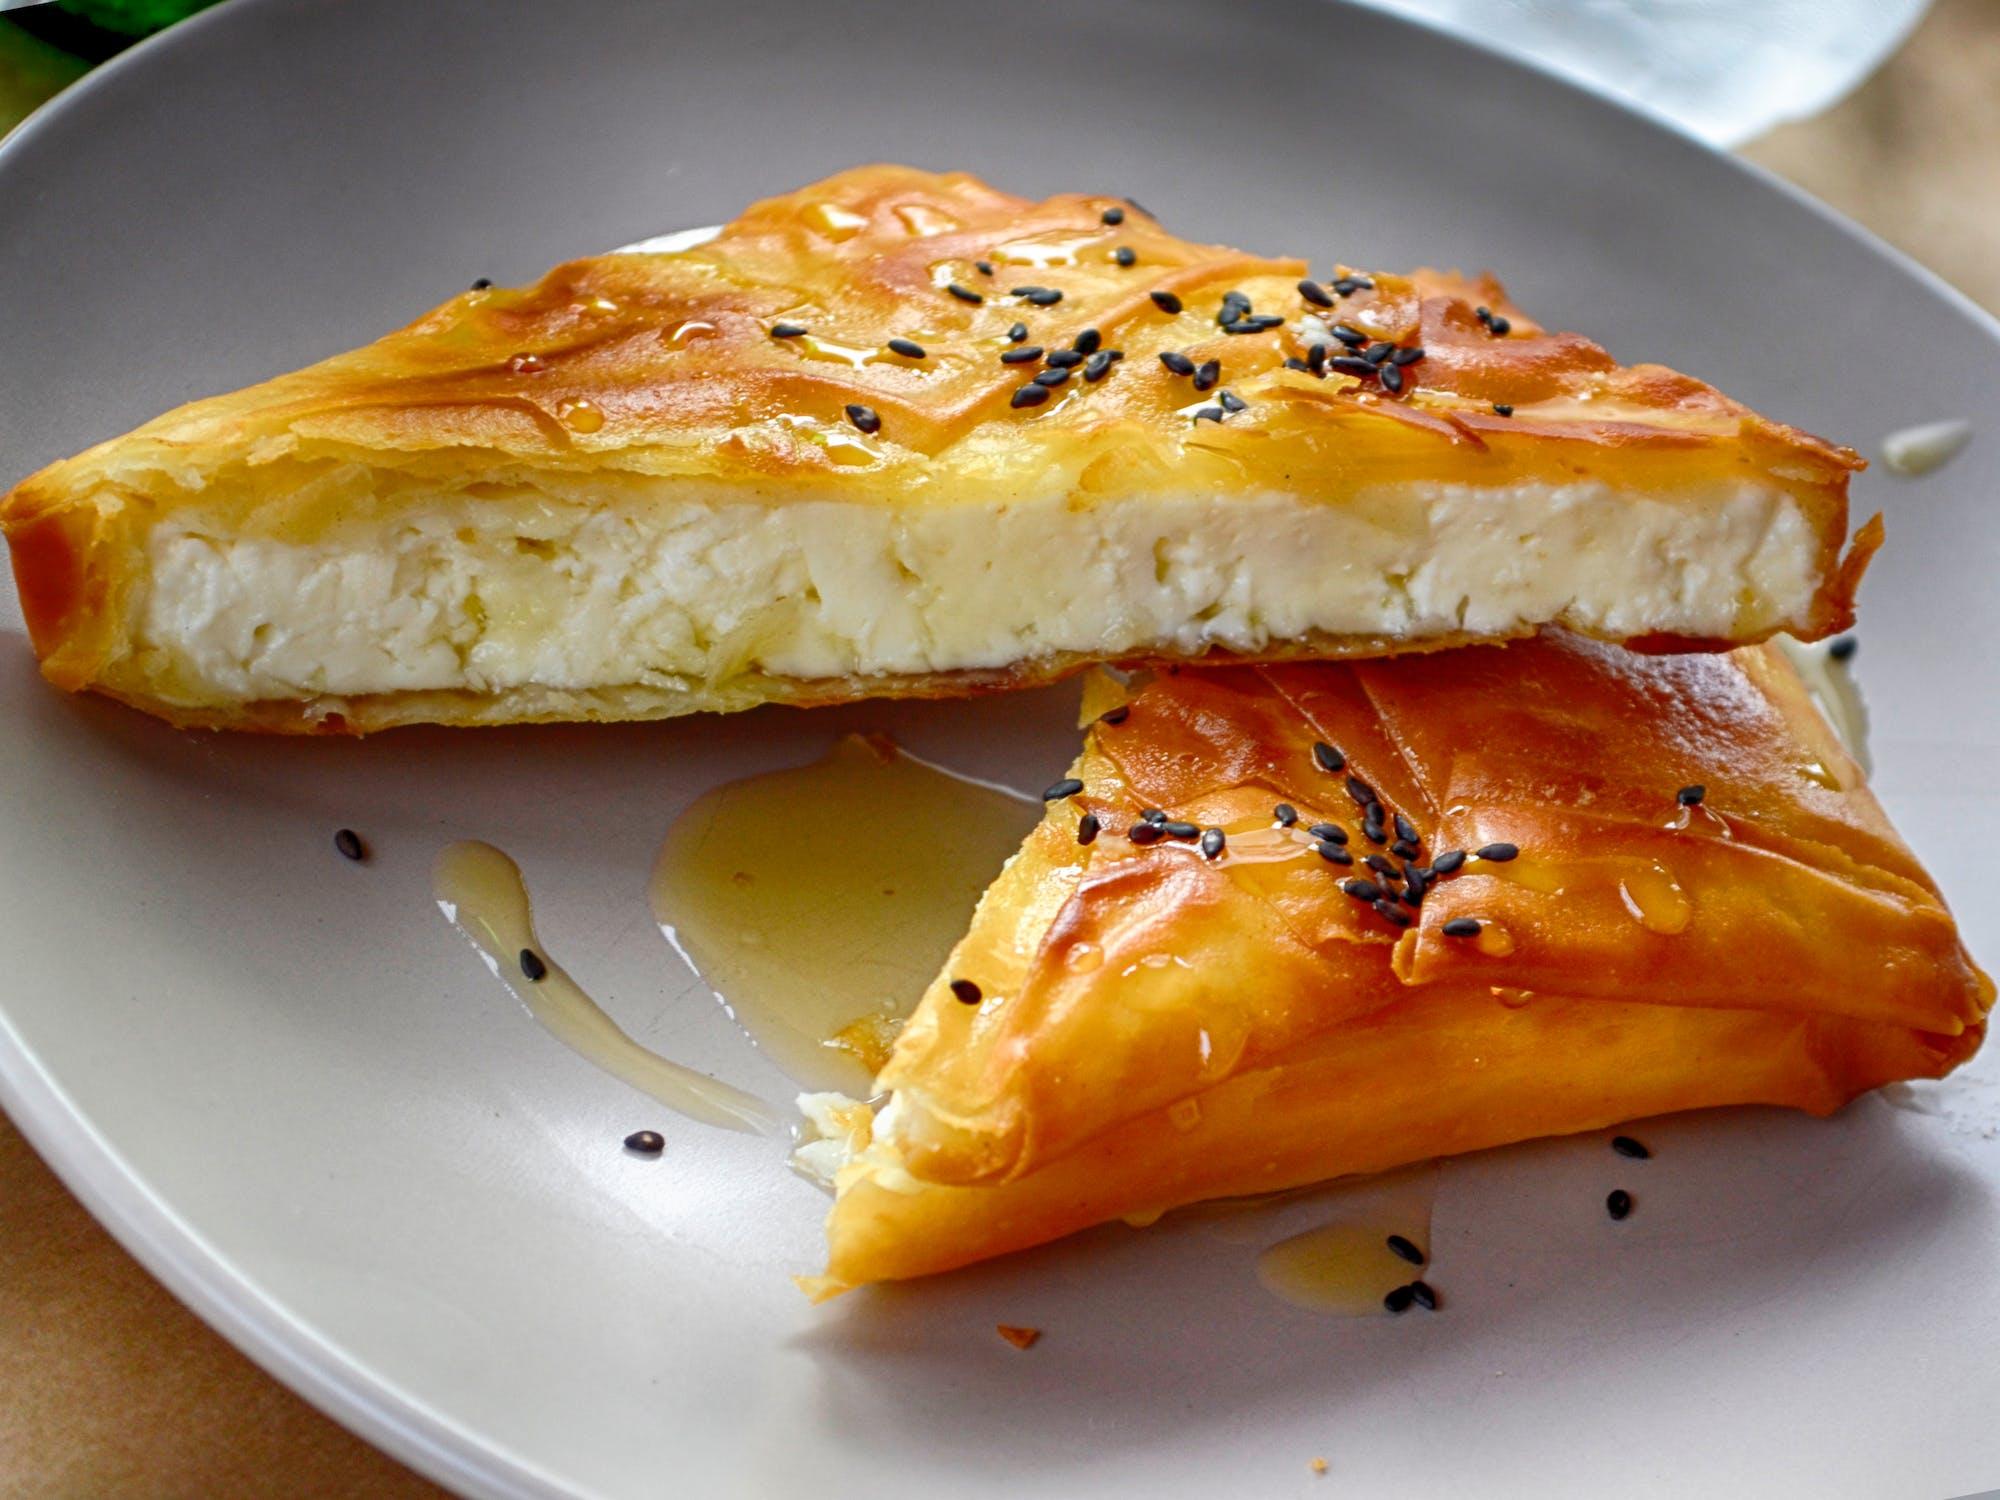 Manuka honey on food